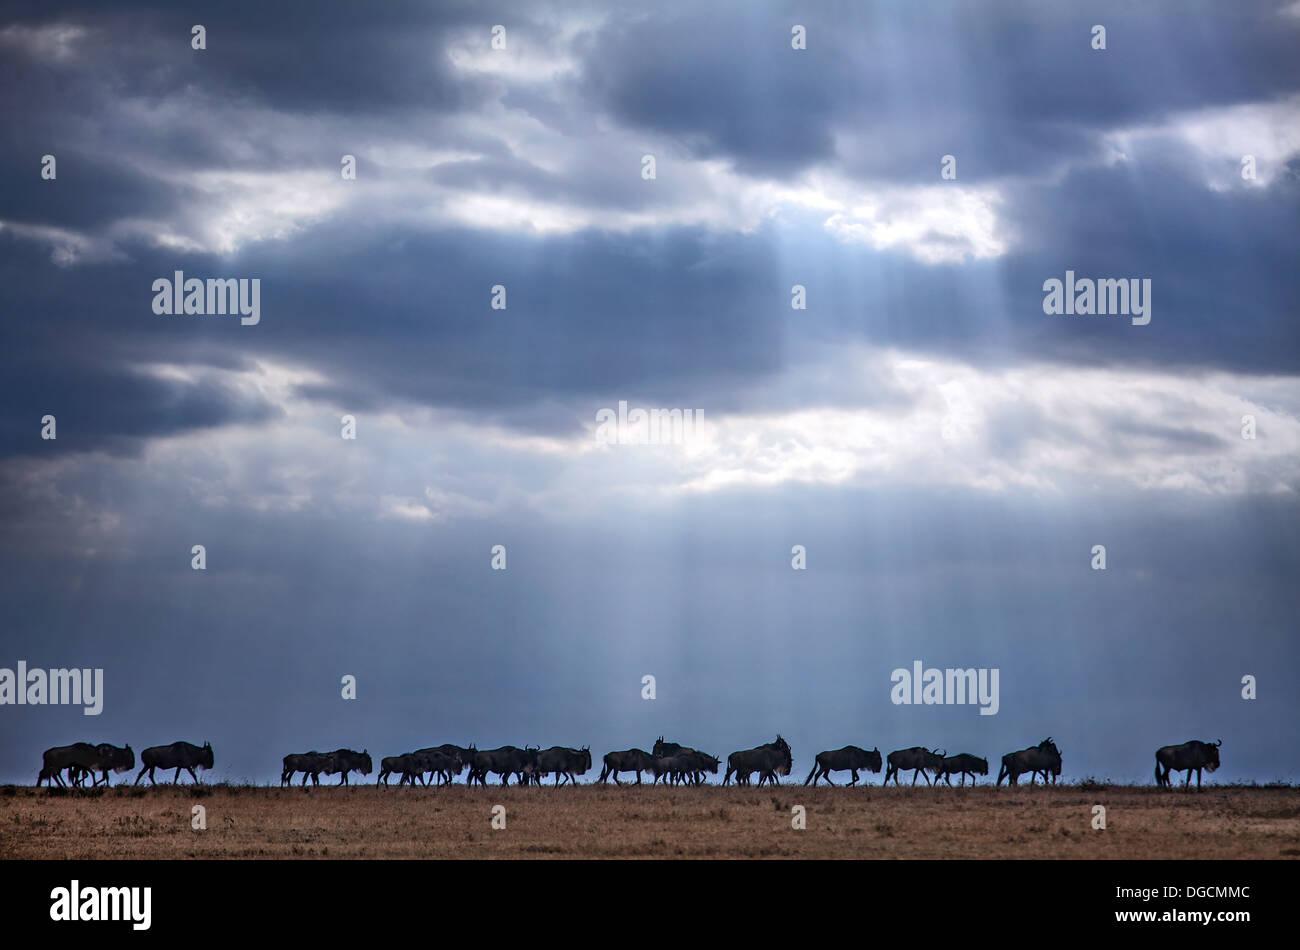 Faisceaux de lumière illuminent un troupeau de la migration des gnous. Photo Stock